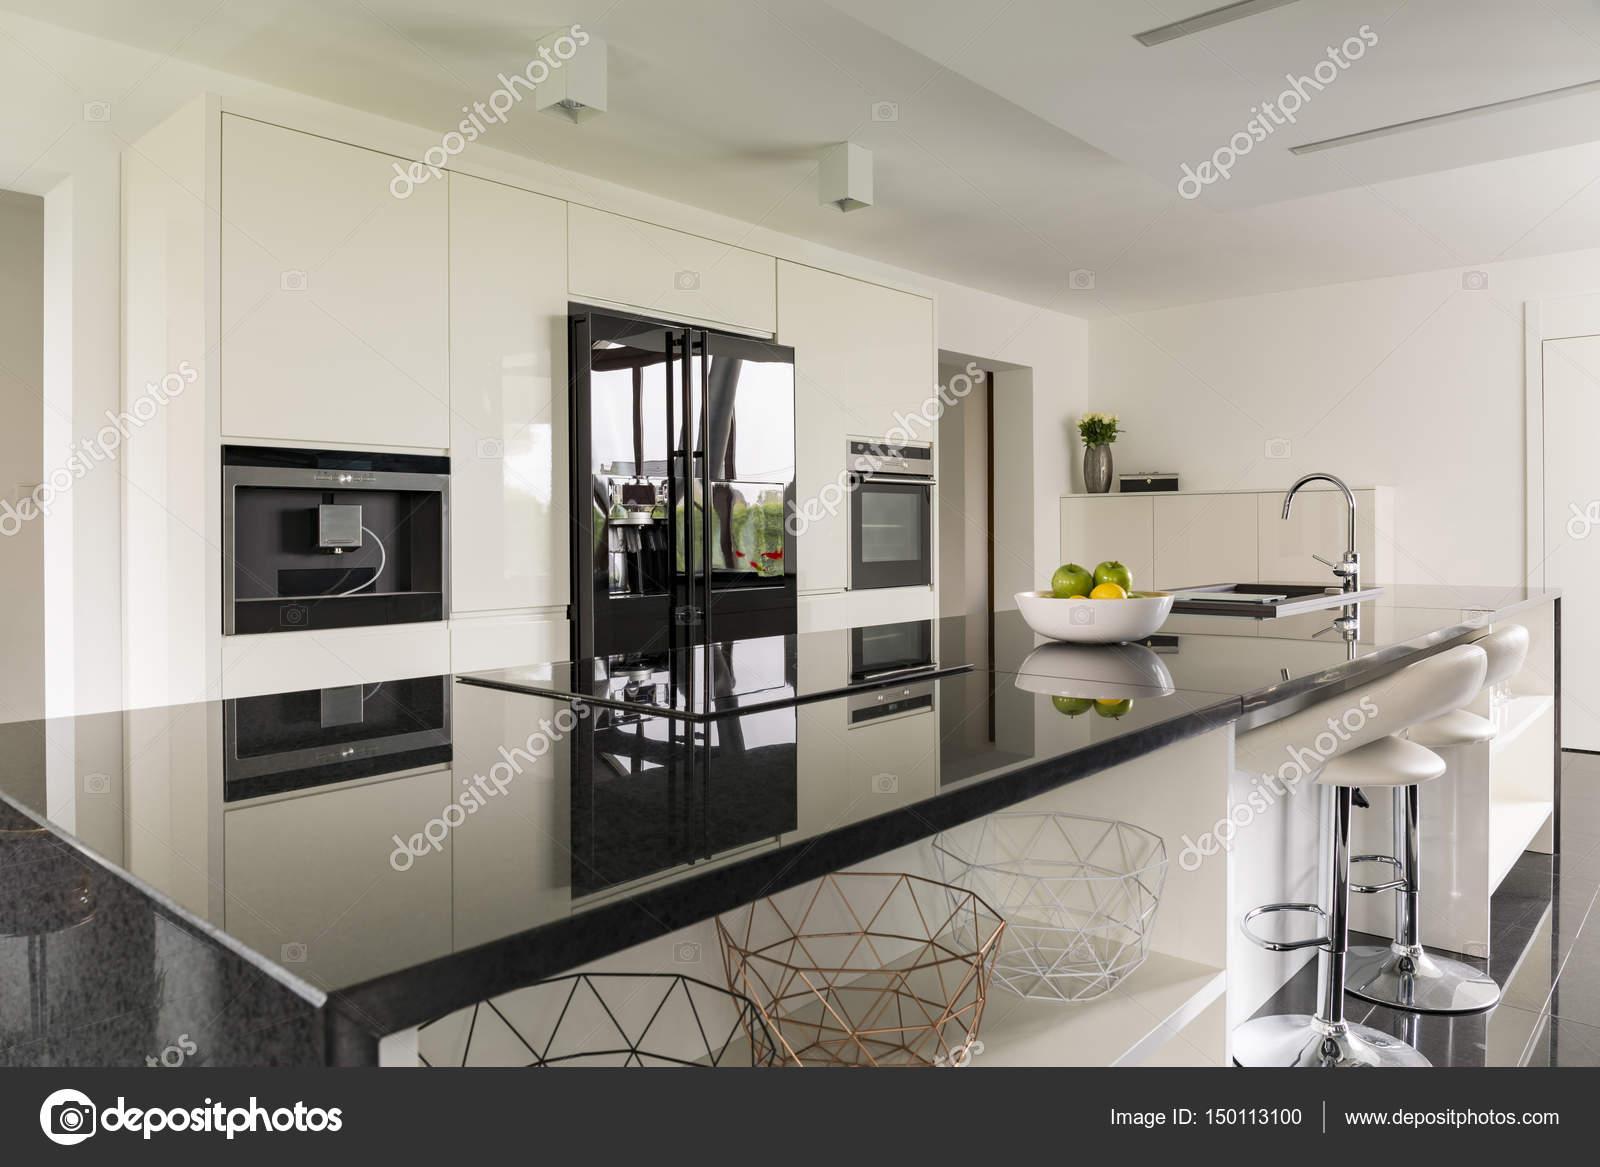 keukeneiland in luxe interieur stockfoto